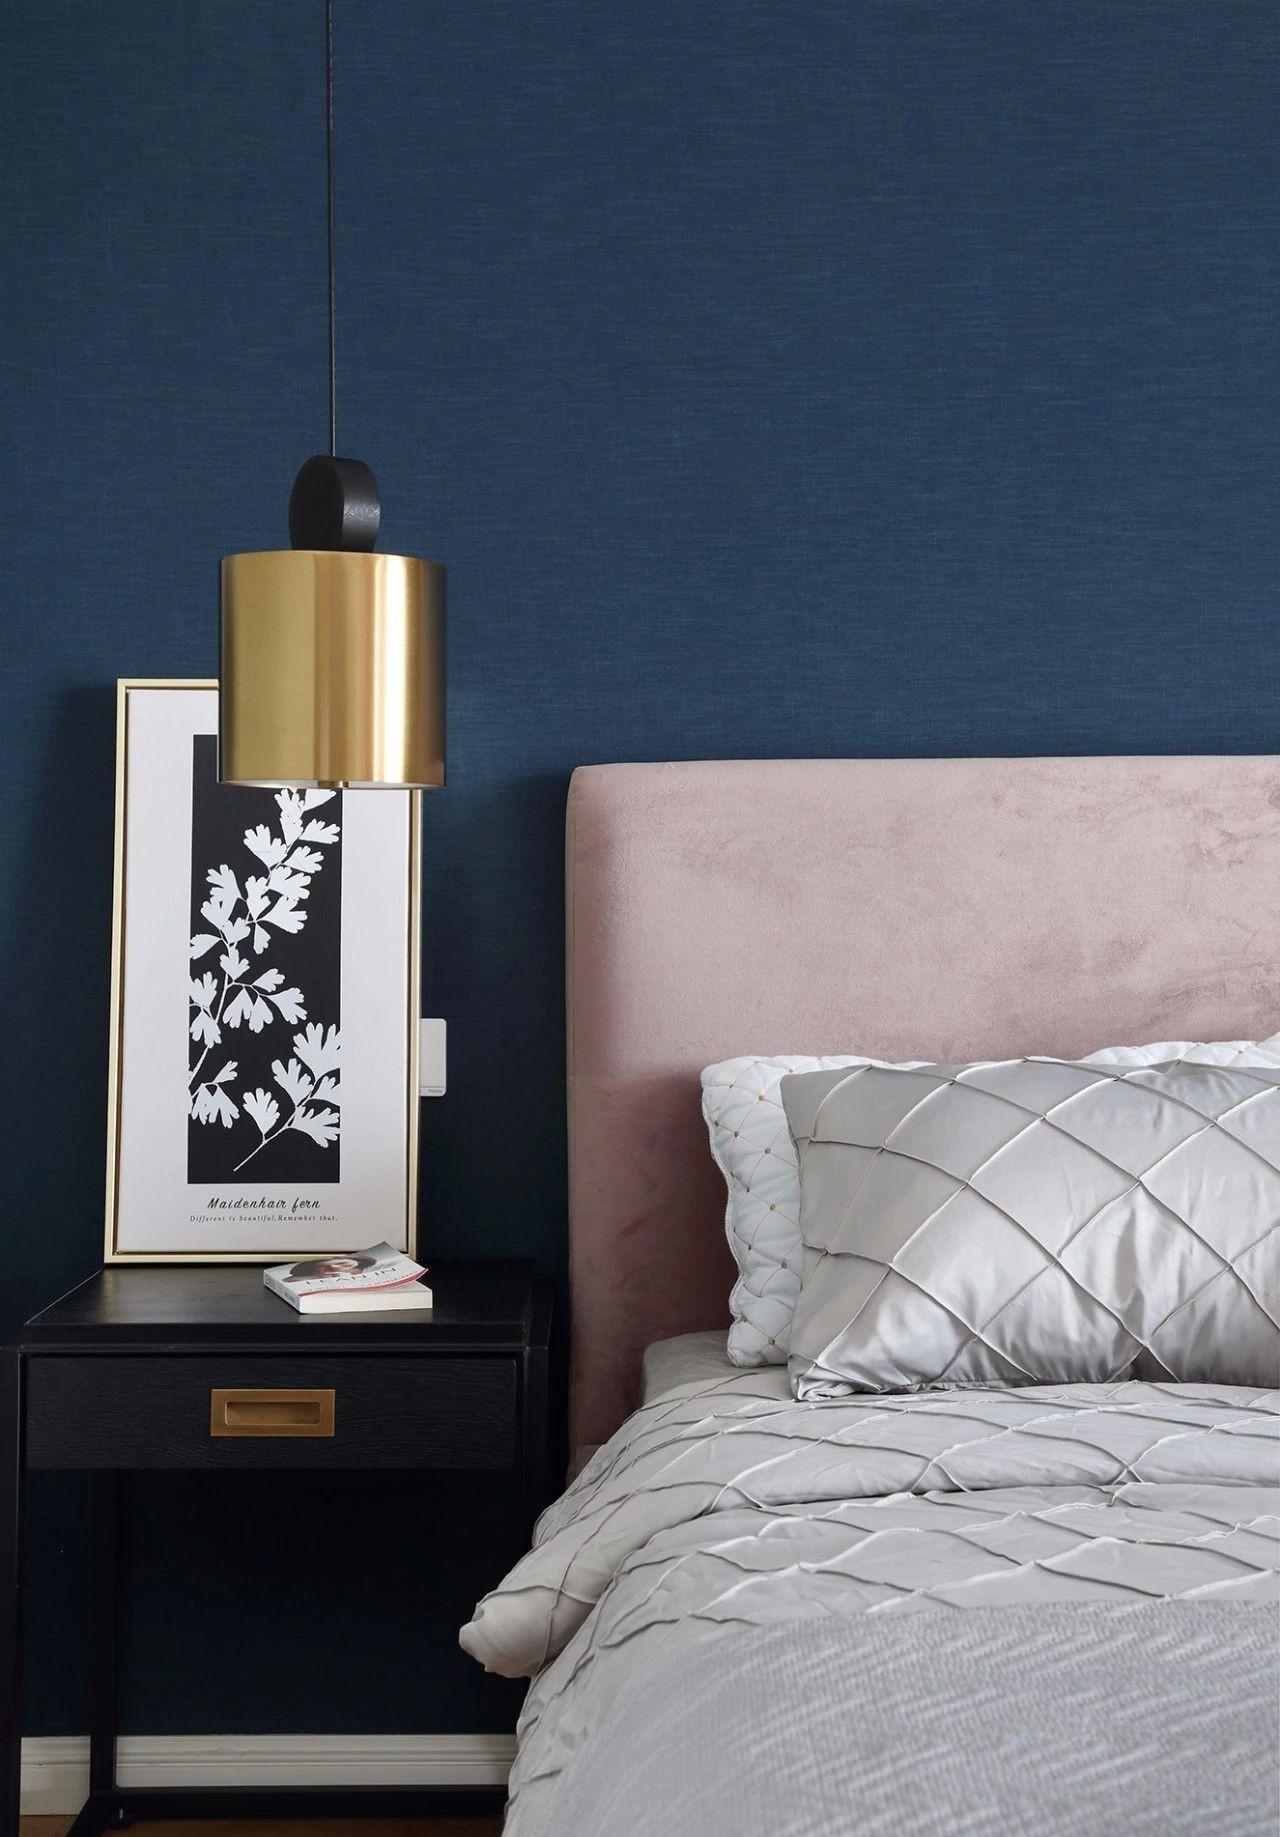 混搭 轻奢 现代 元素 全案设计 卧室图片来自鹏友百年装饰在温柔雅奢INS风的分享